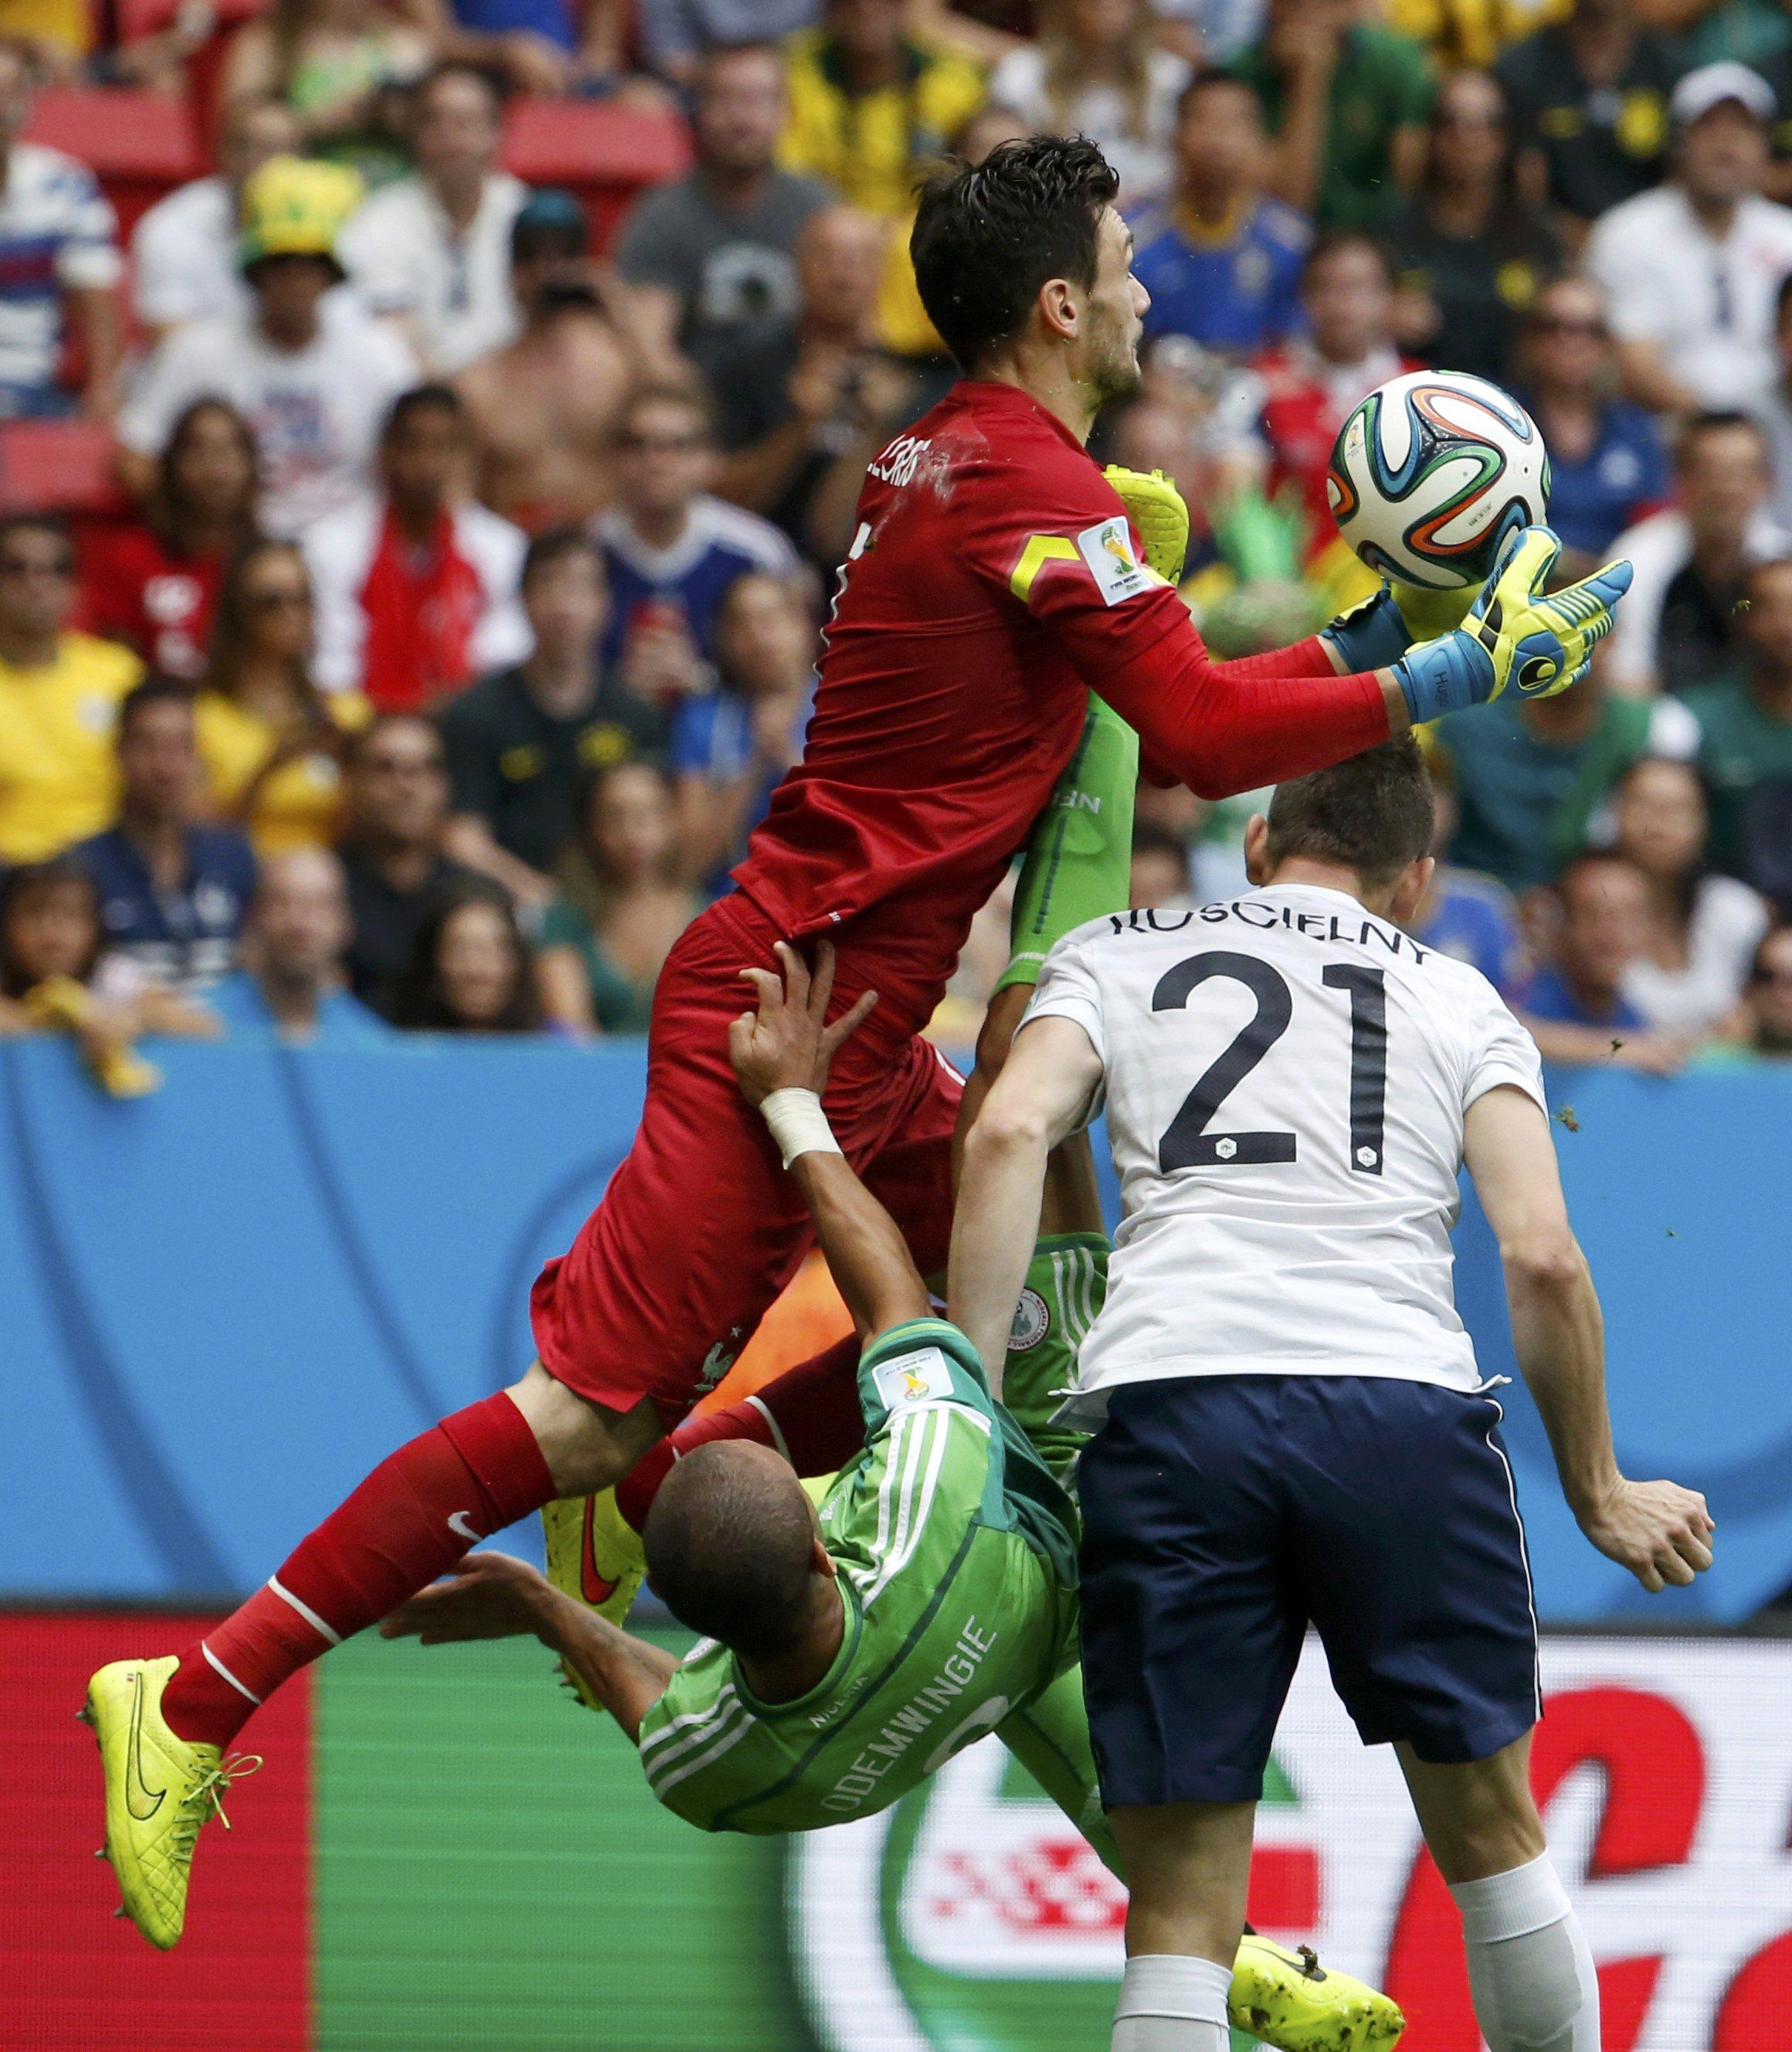 Uma das saídas do goleiro francês no primeiro tempo, preferindo encaixar a bola do que socar (Reuters)